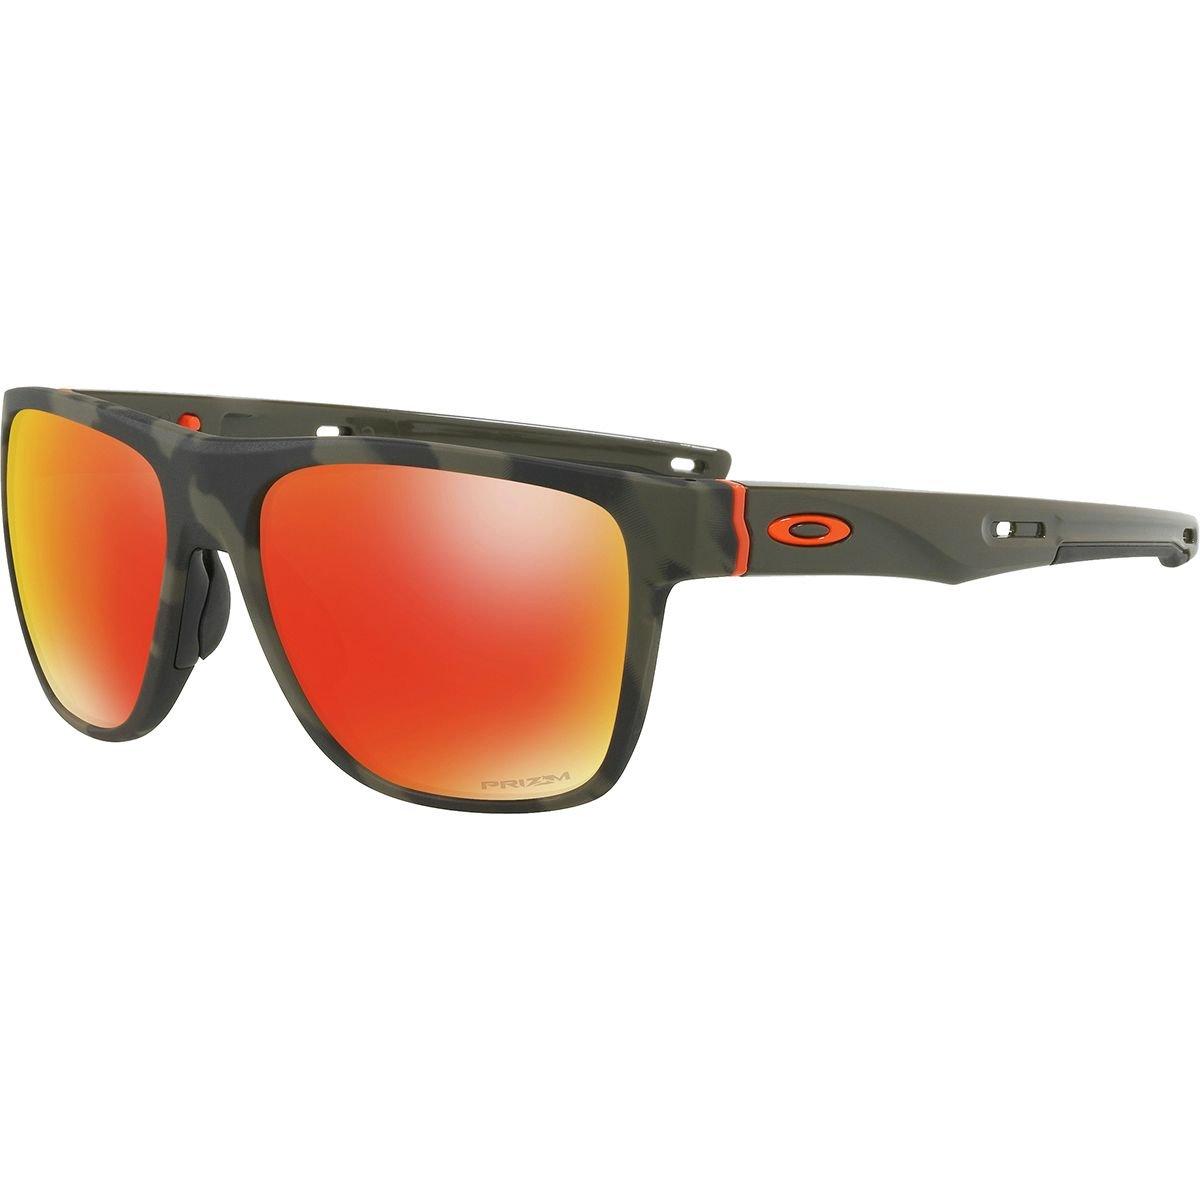 Oakley Crossrange Prizm Camo Sonnenbrille Grün b1xADDeURP